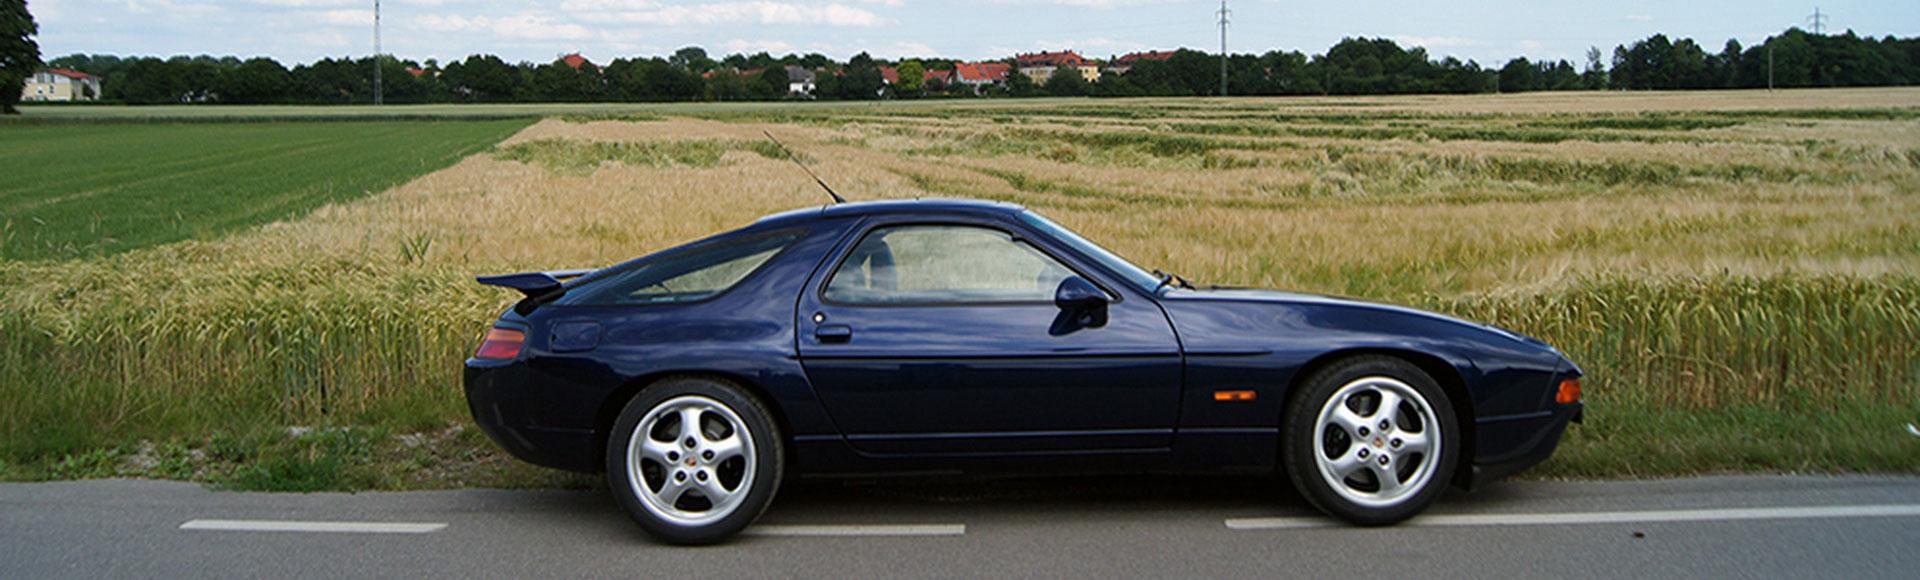 Porsche 928 GTS 1995 Sommer8179